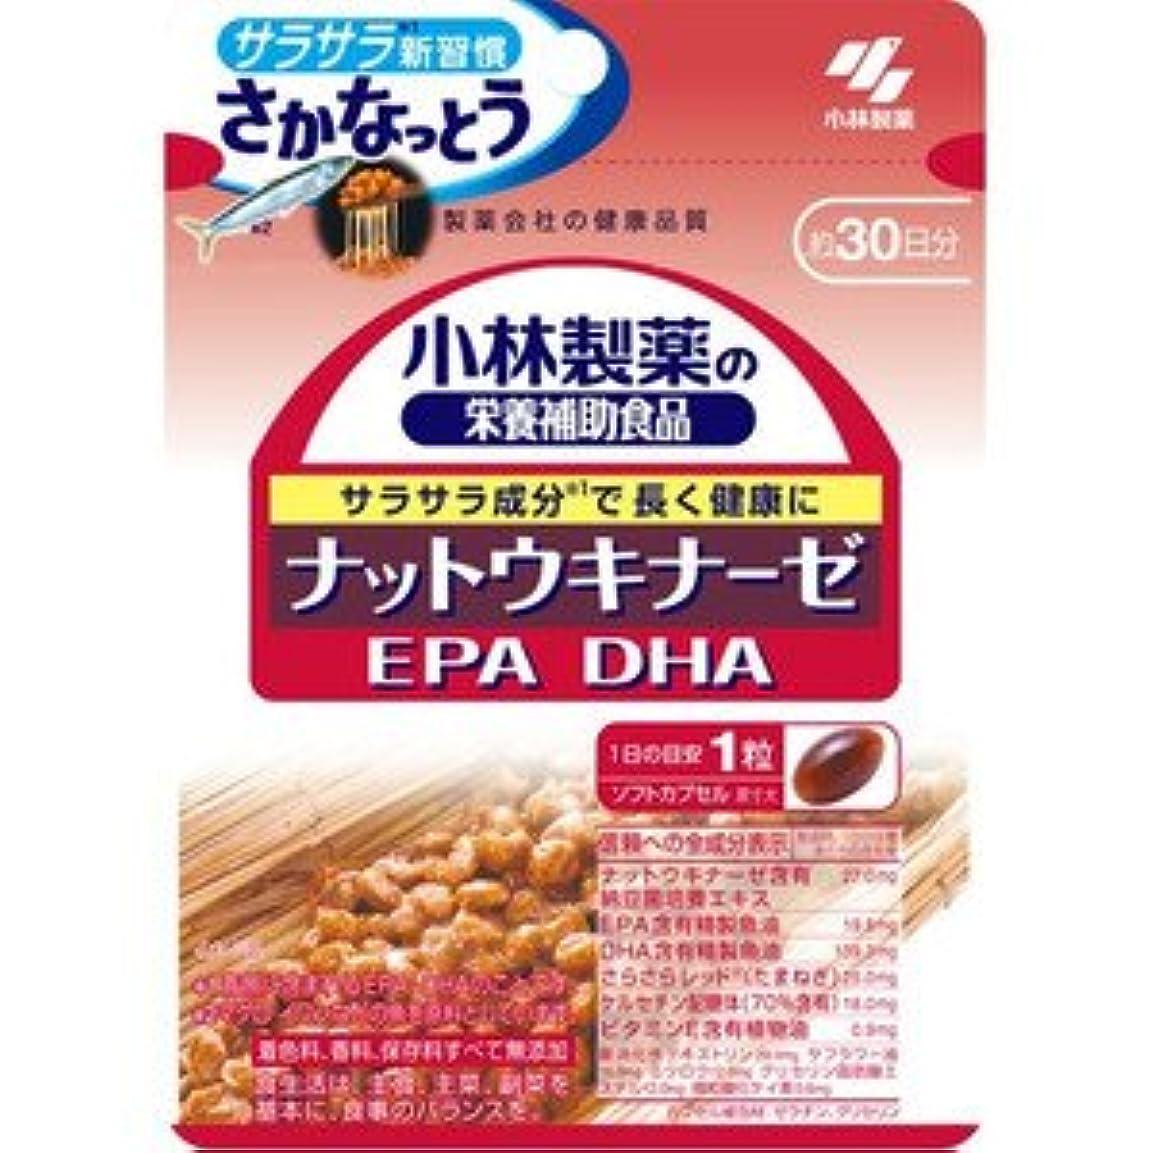 限りなくファンアレンジ【小林製薬】ナットウキナーゼ (EPA/DHA) 30粒(お買い得3個セット)